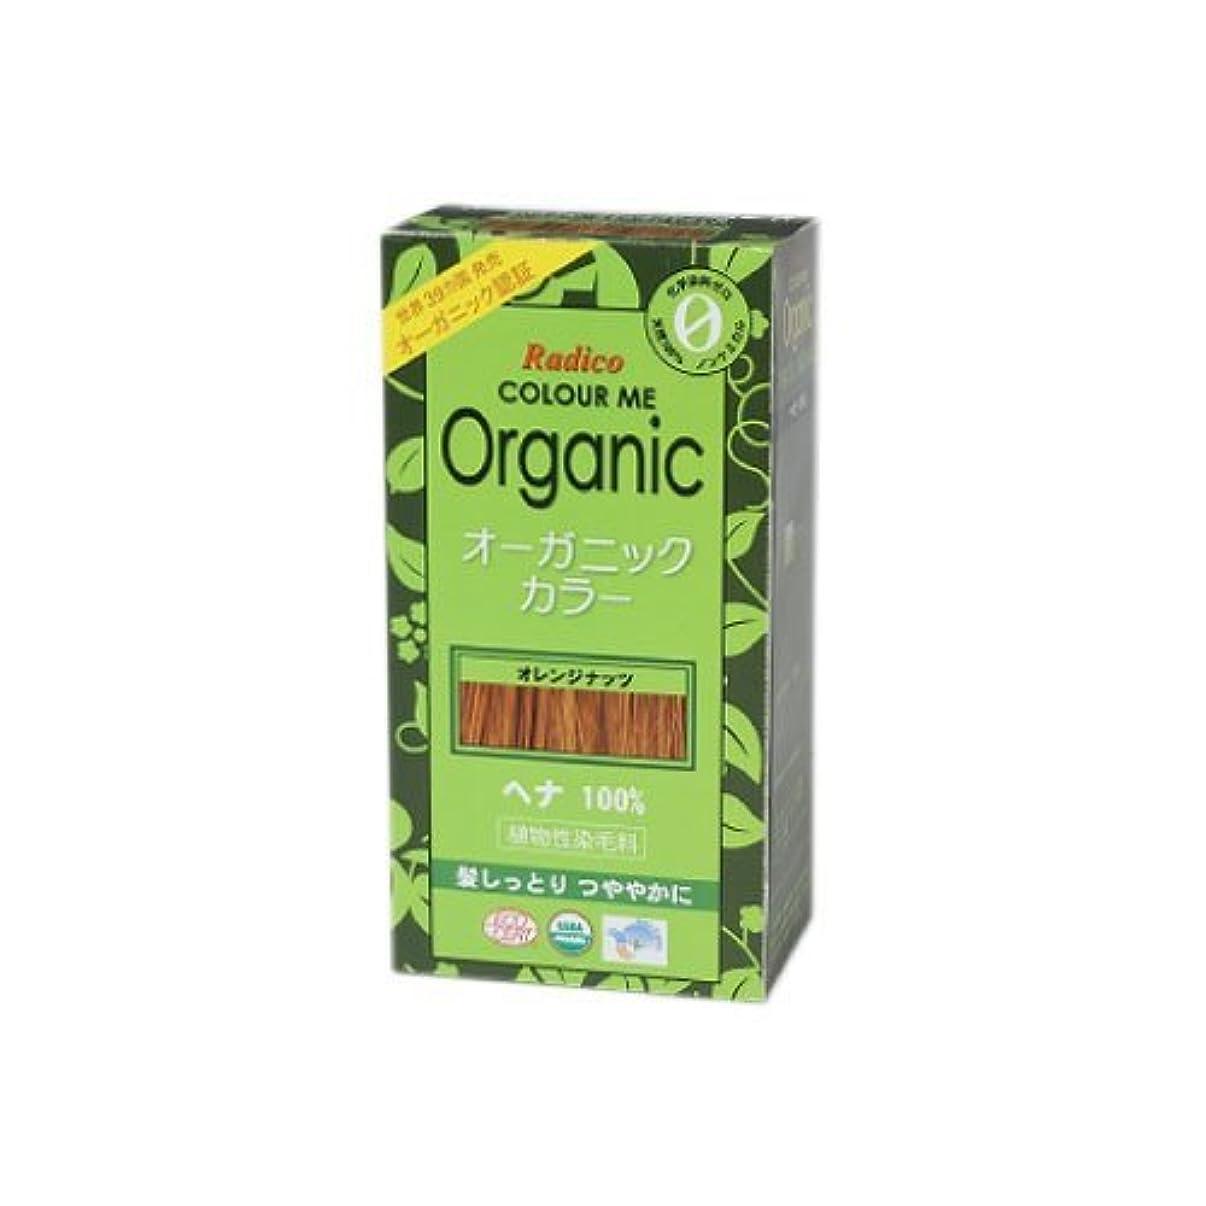 一時停止混乱させる第五COLOURME Organic (カラーミーオーガニック ヘナ 白髪用) オレンジナッツ 100g